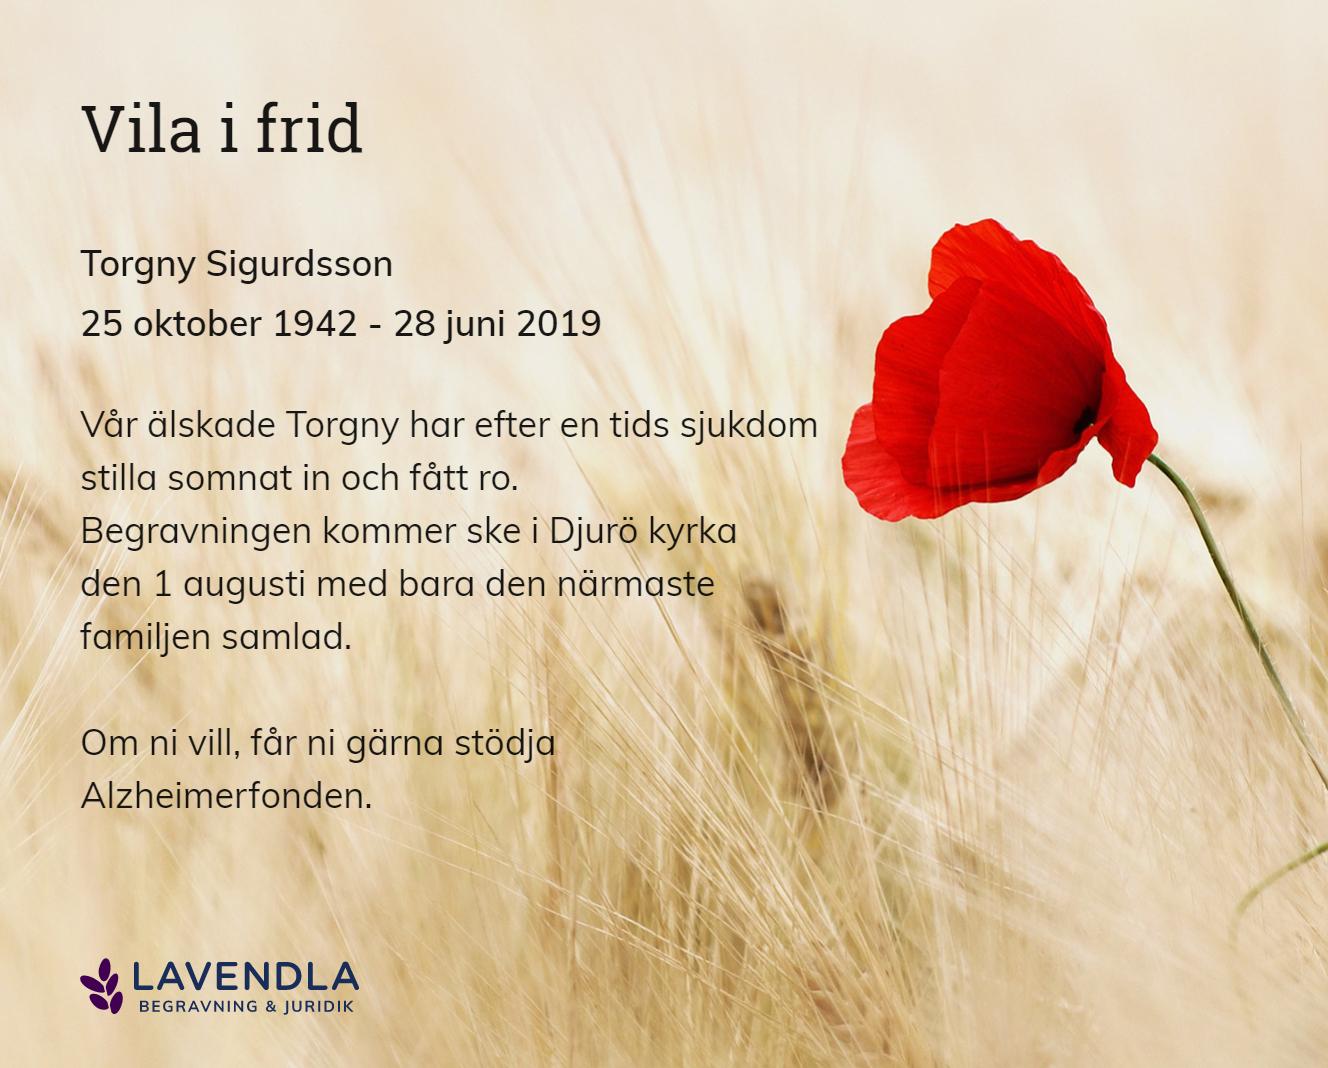 Inbjudningskort till ceremonin för Torgny Sigurdsson